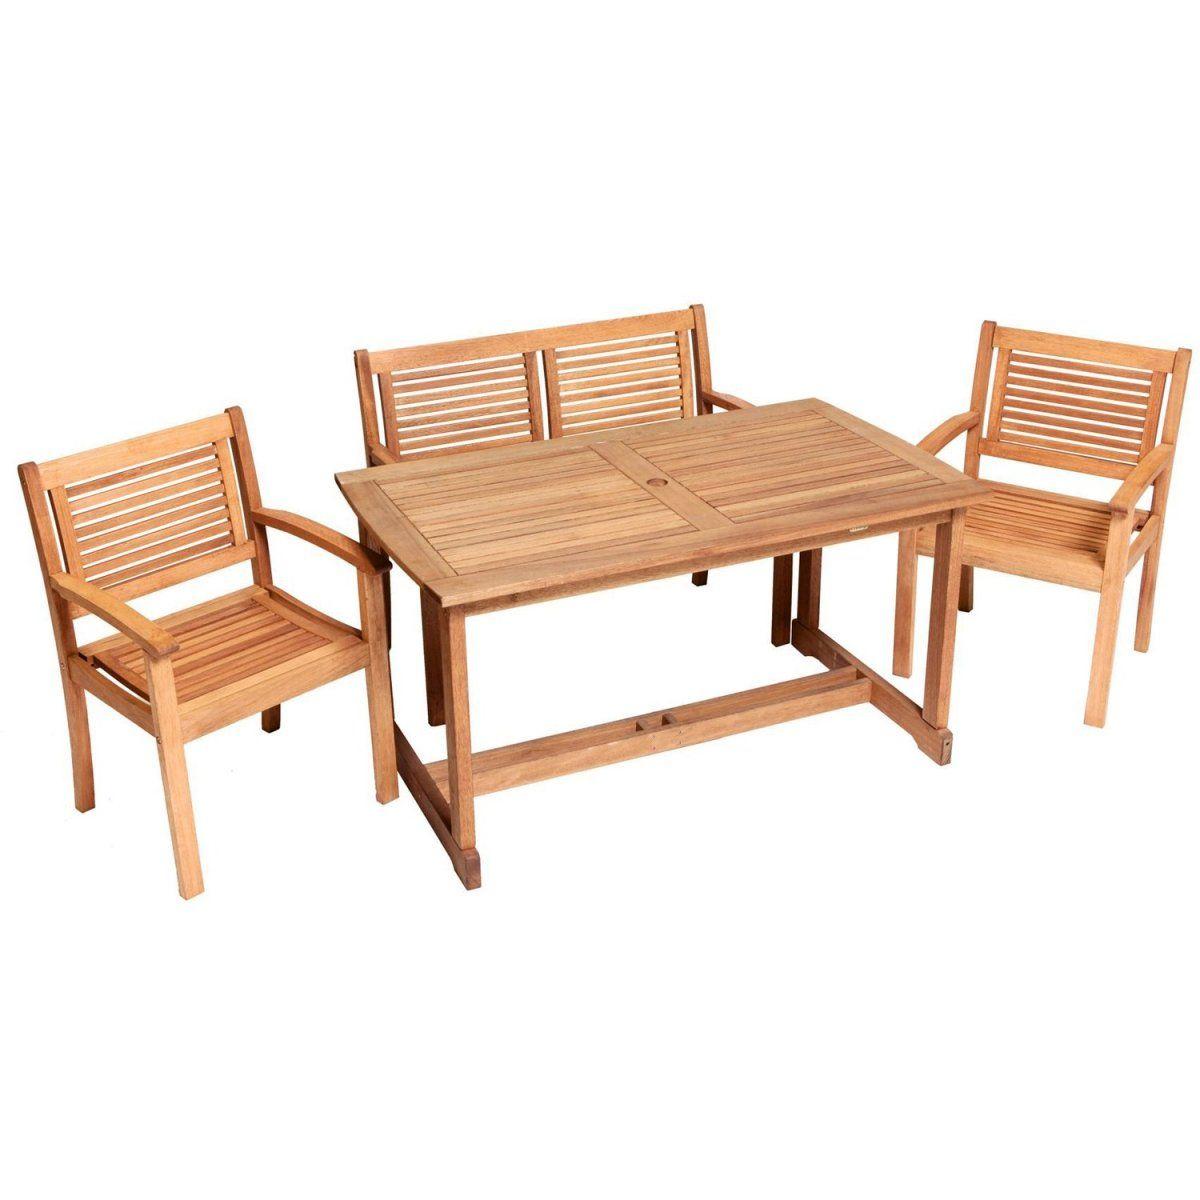 Gartenmöbel Set Cordoba 4 Tlg. Braun Jetzt Bestellen Unter: ...